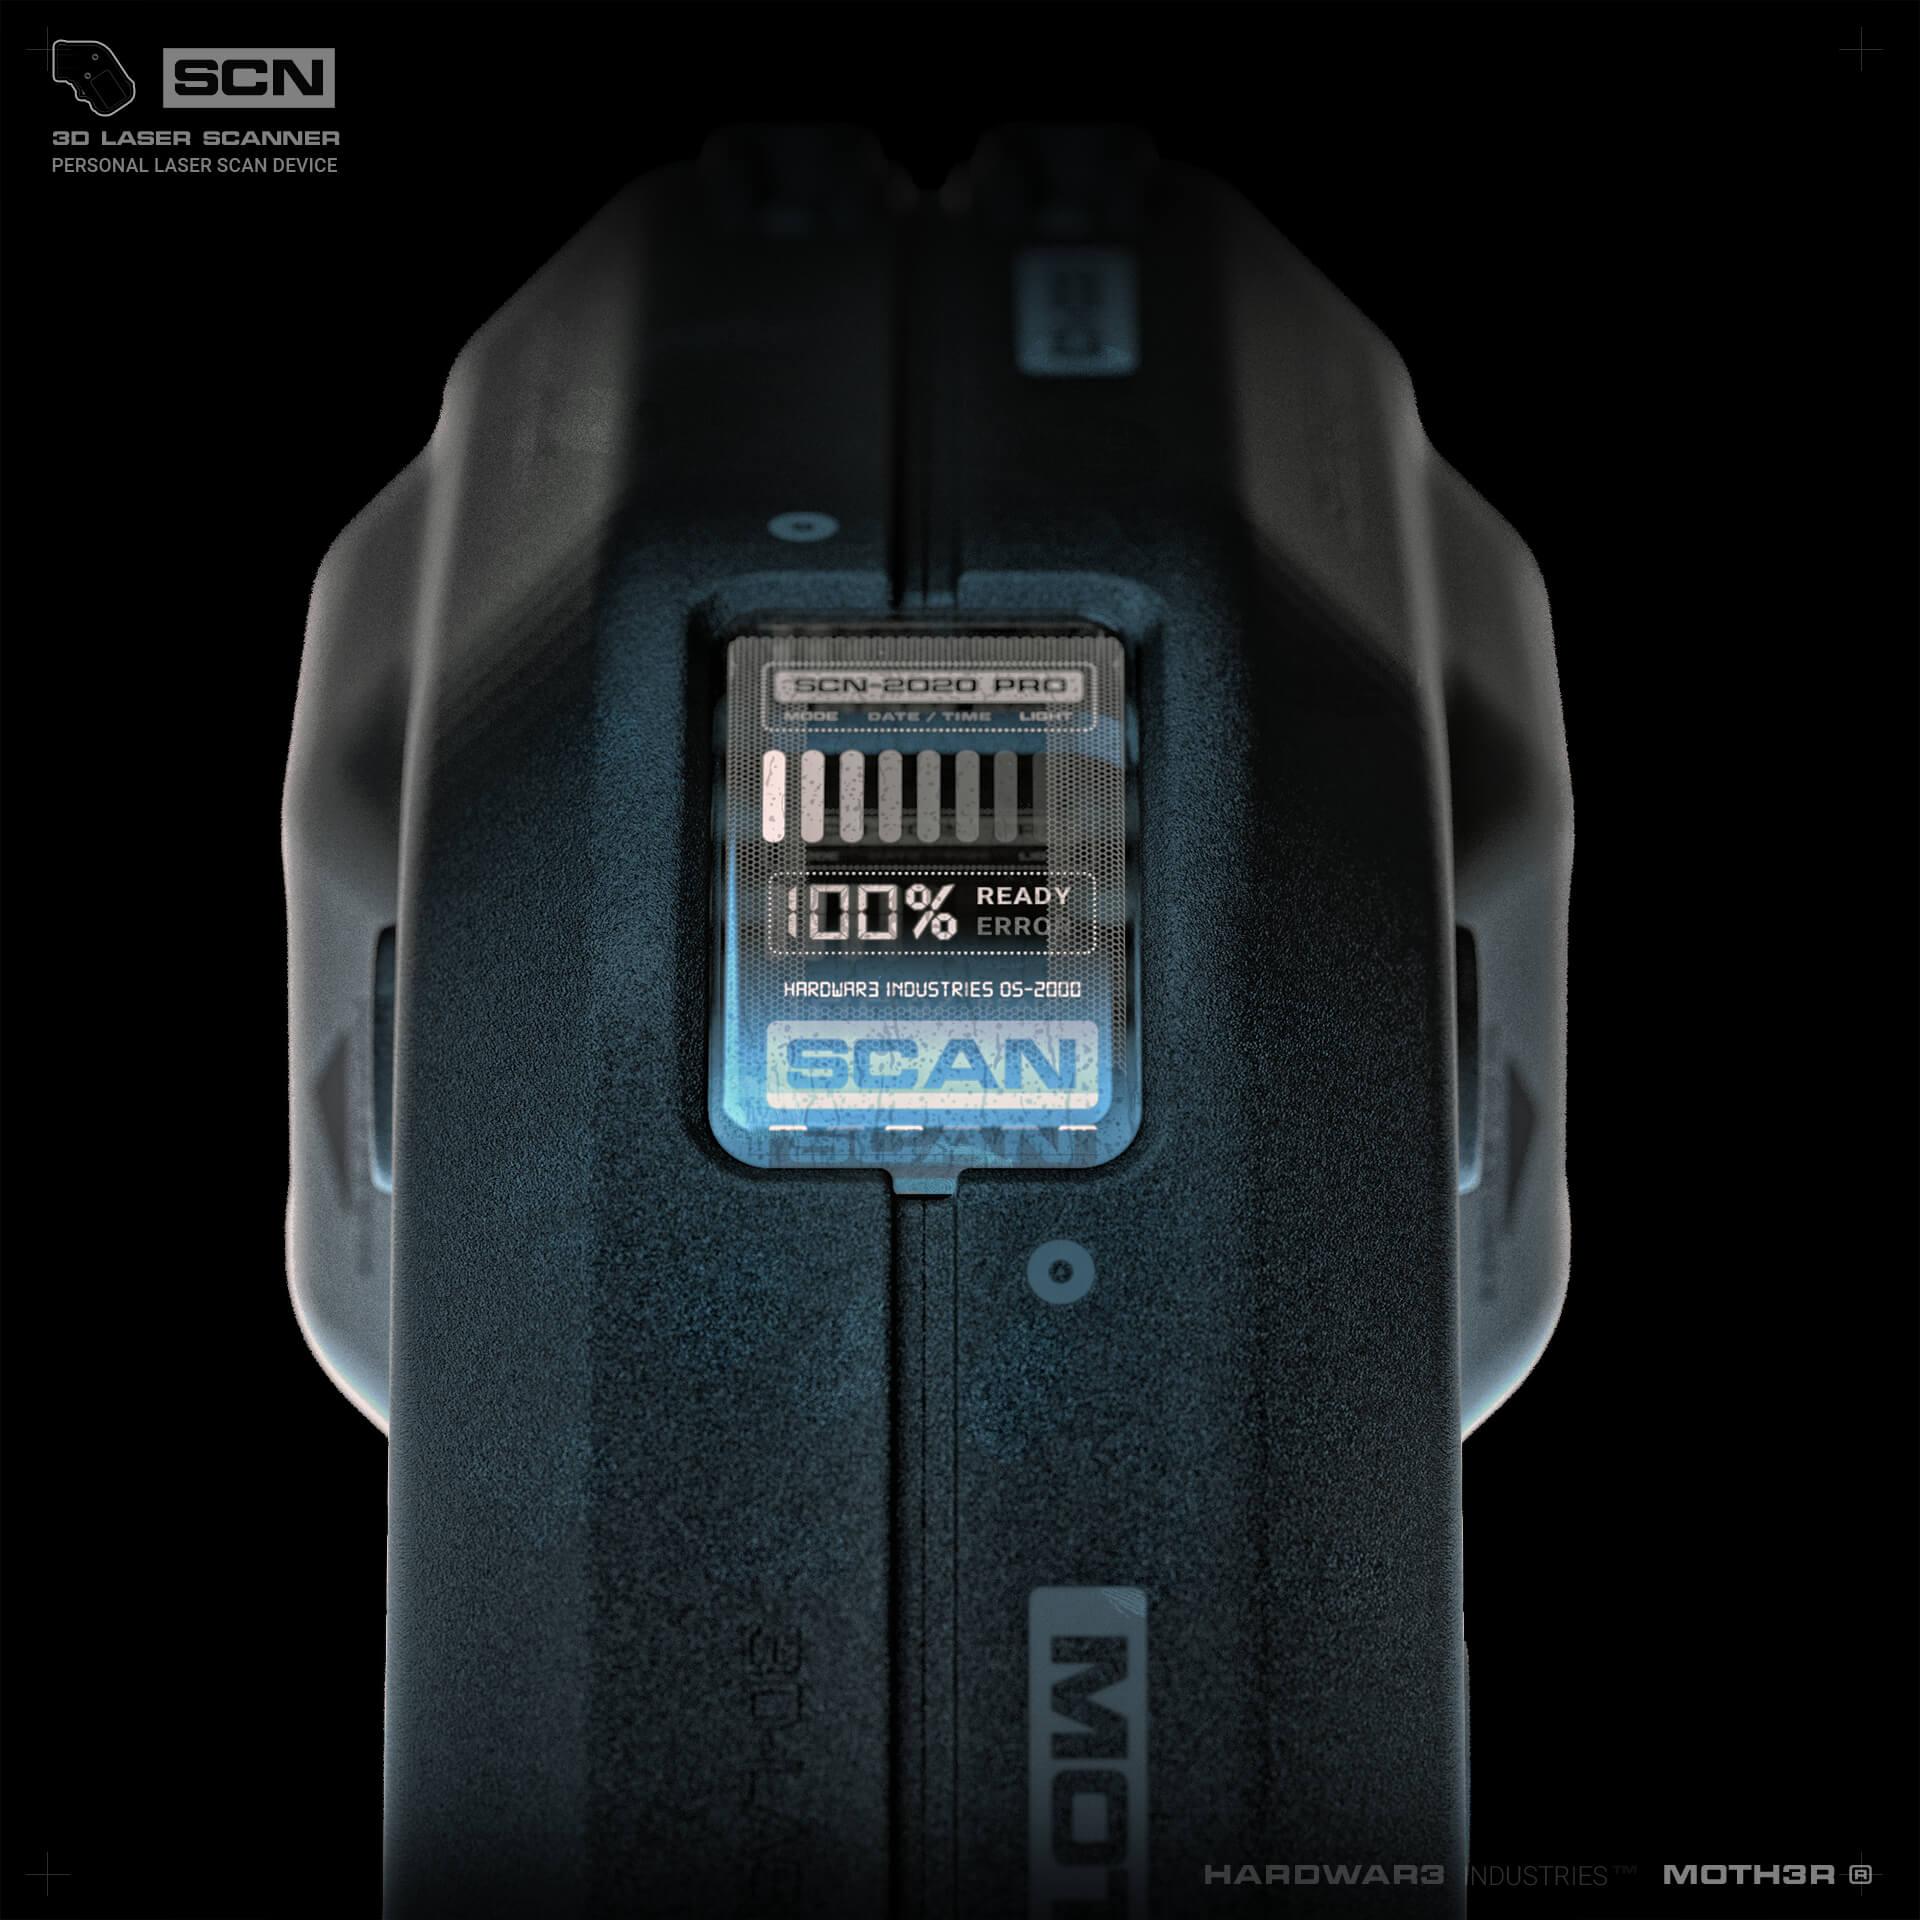 Scanner-001.82